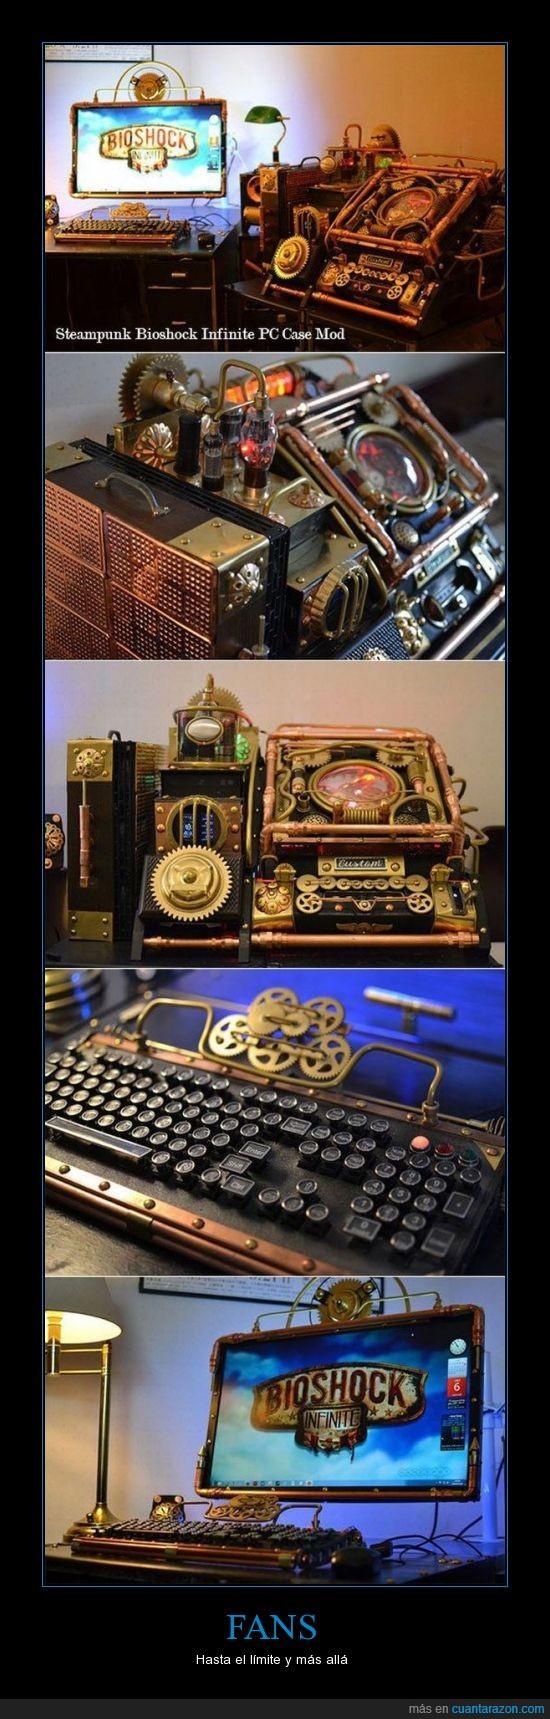 bioshock infinite,fan,ordenador,steampunk